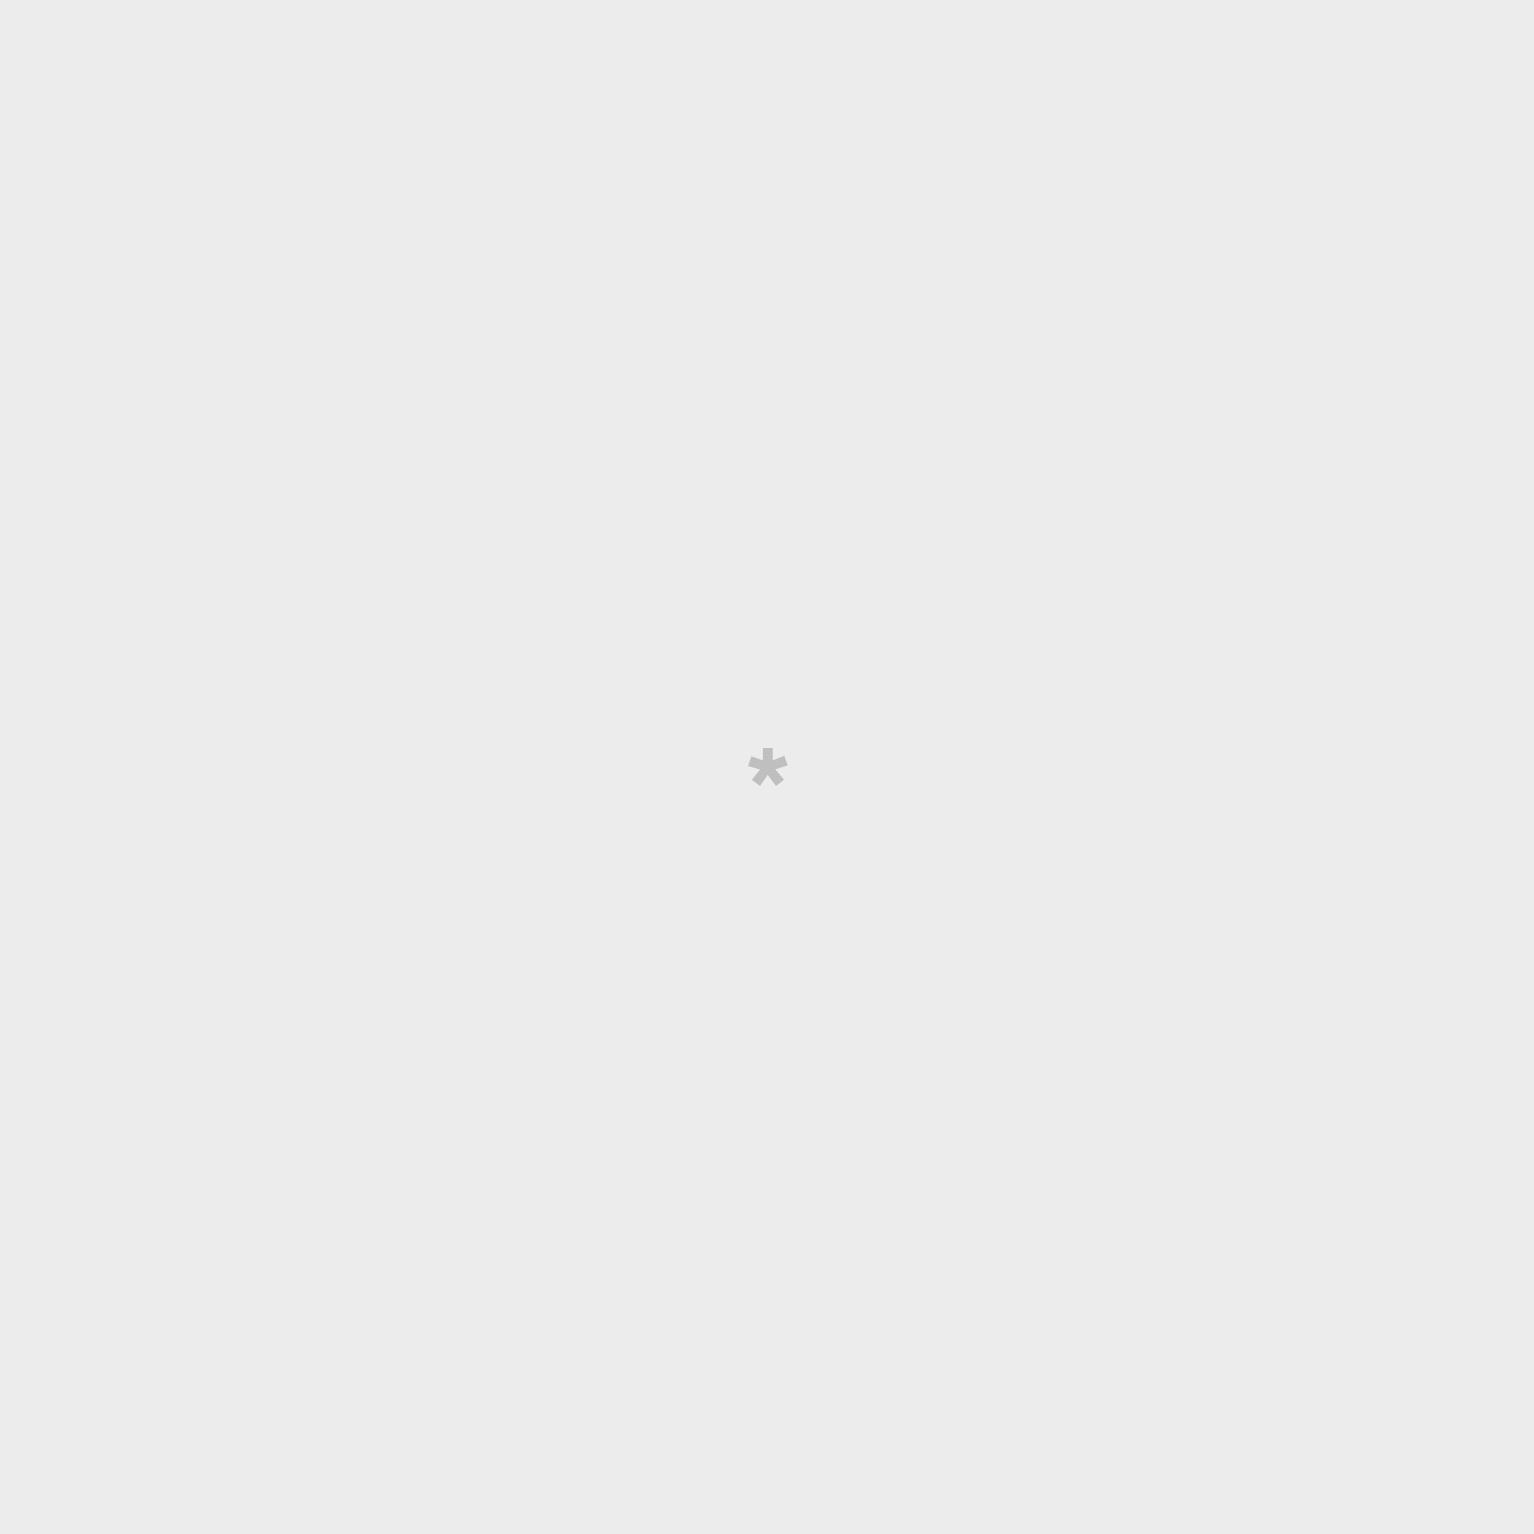 Cartões de gravidez - Momentos especiais da minha gravidez